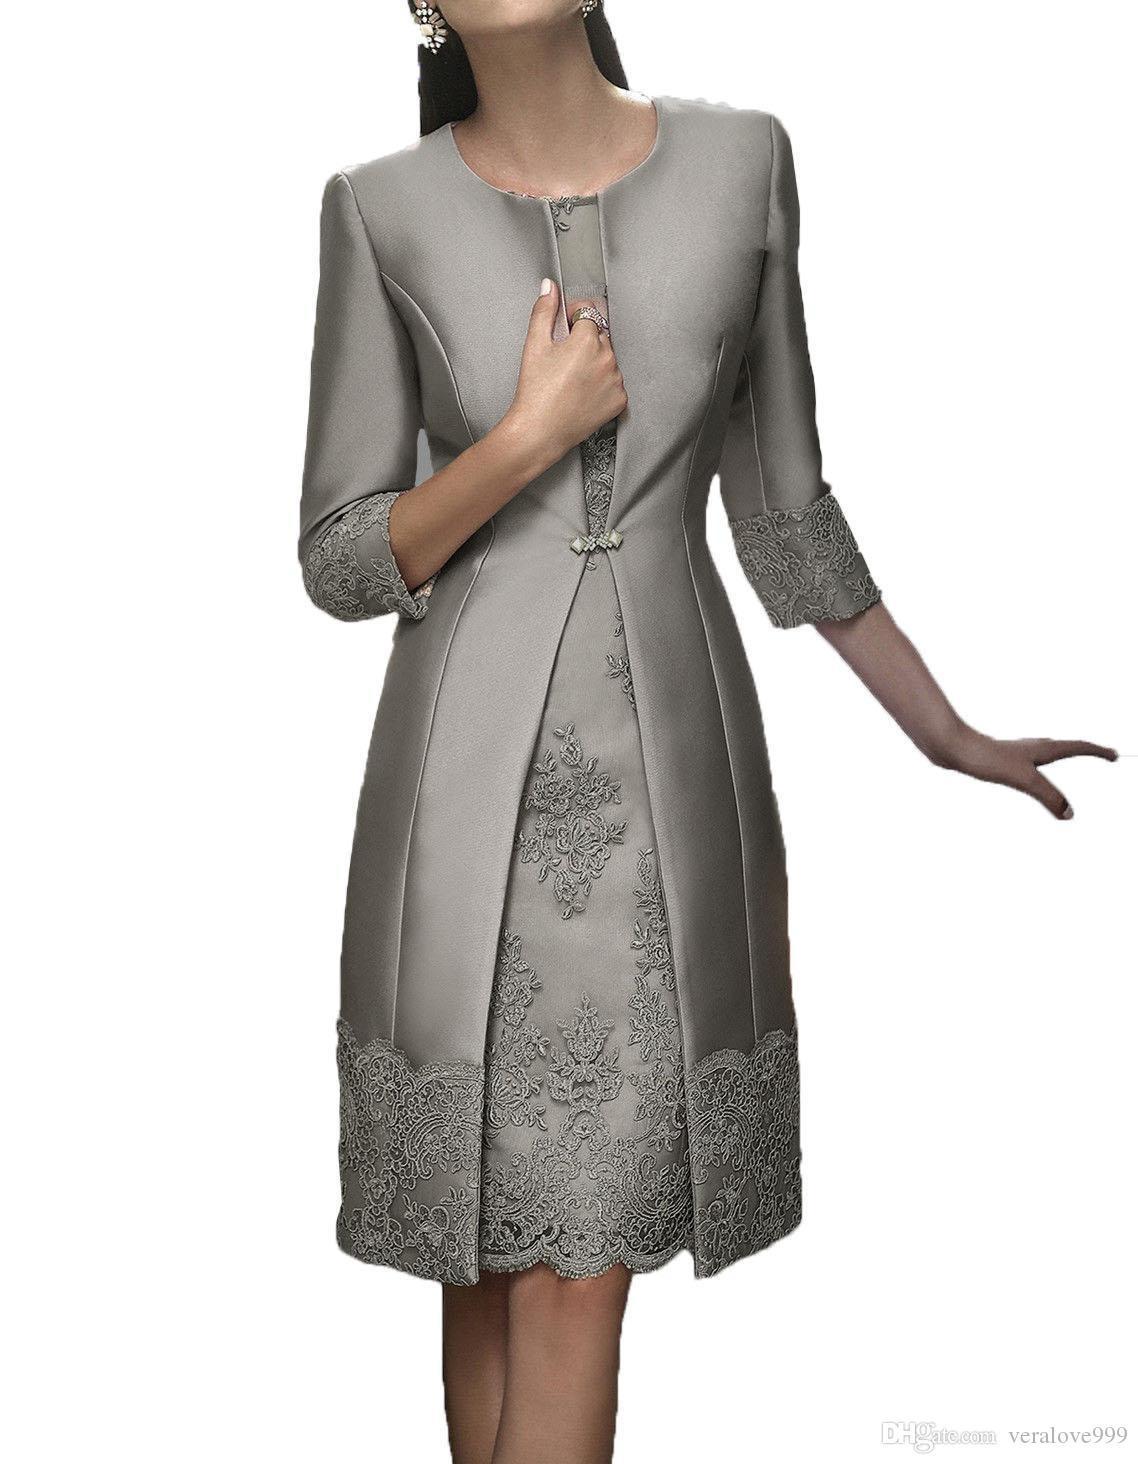 Großhandel Elegante Hülle Kurz Mutter Formelle Kleidung